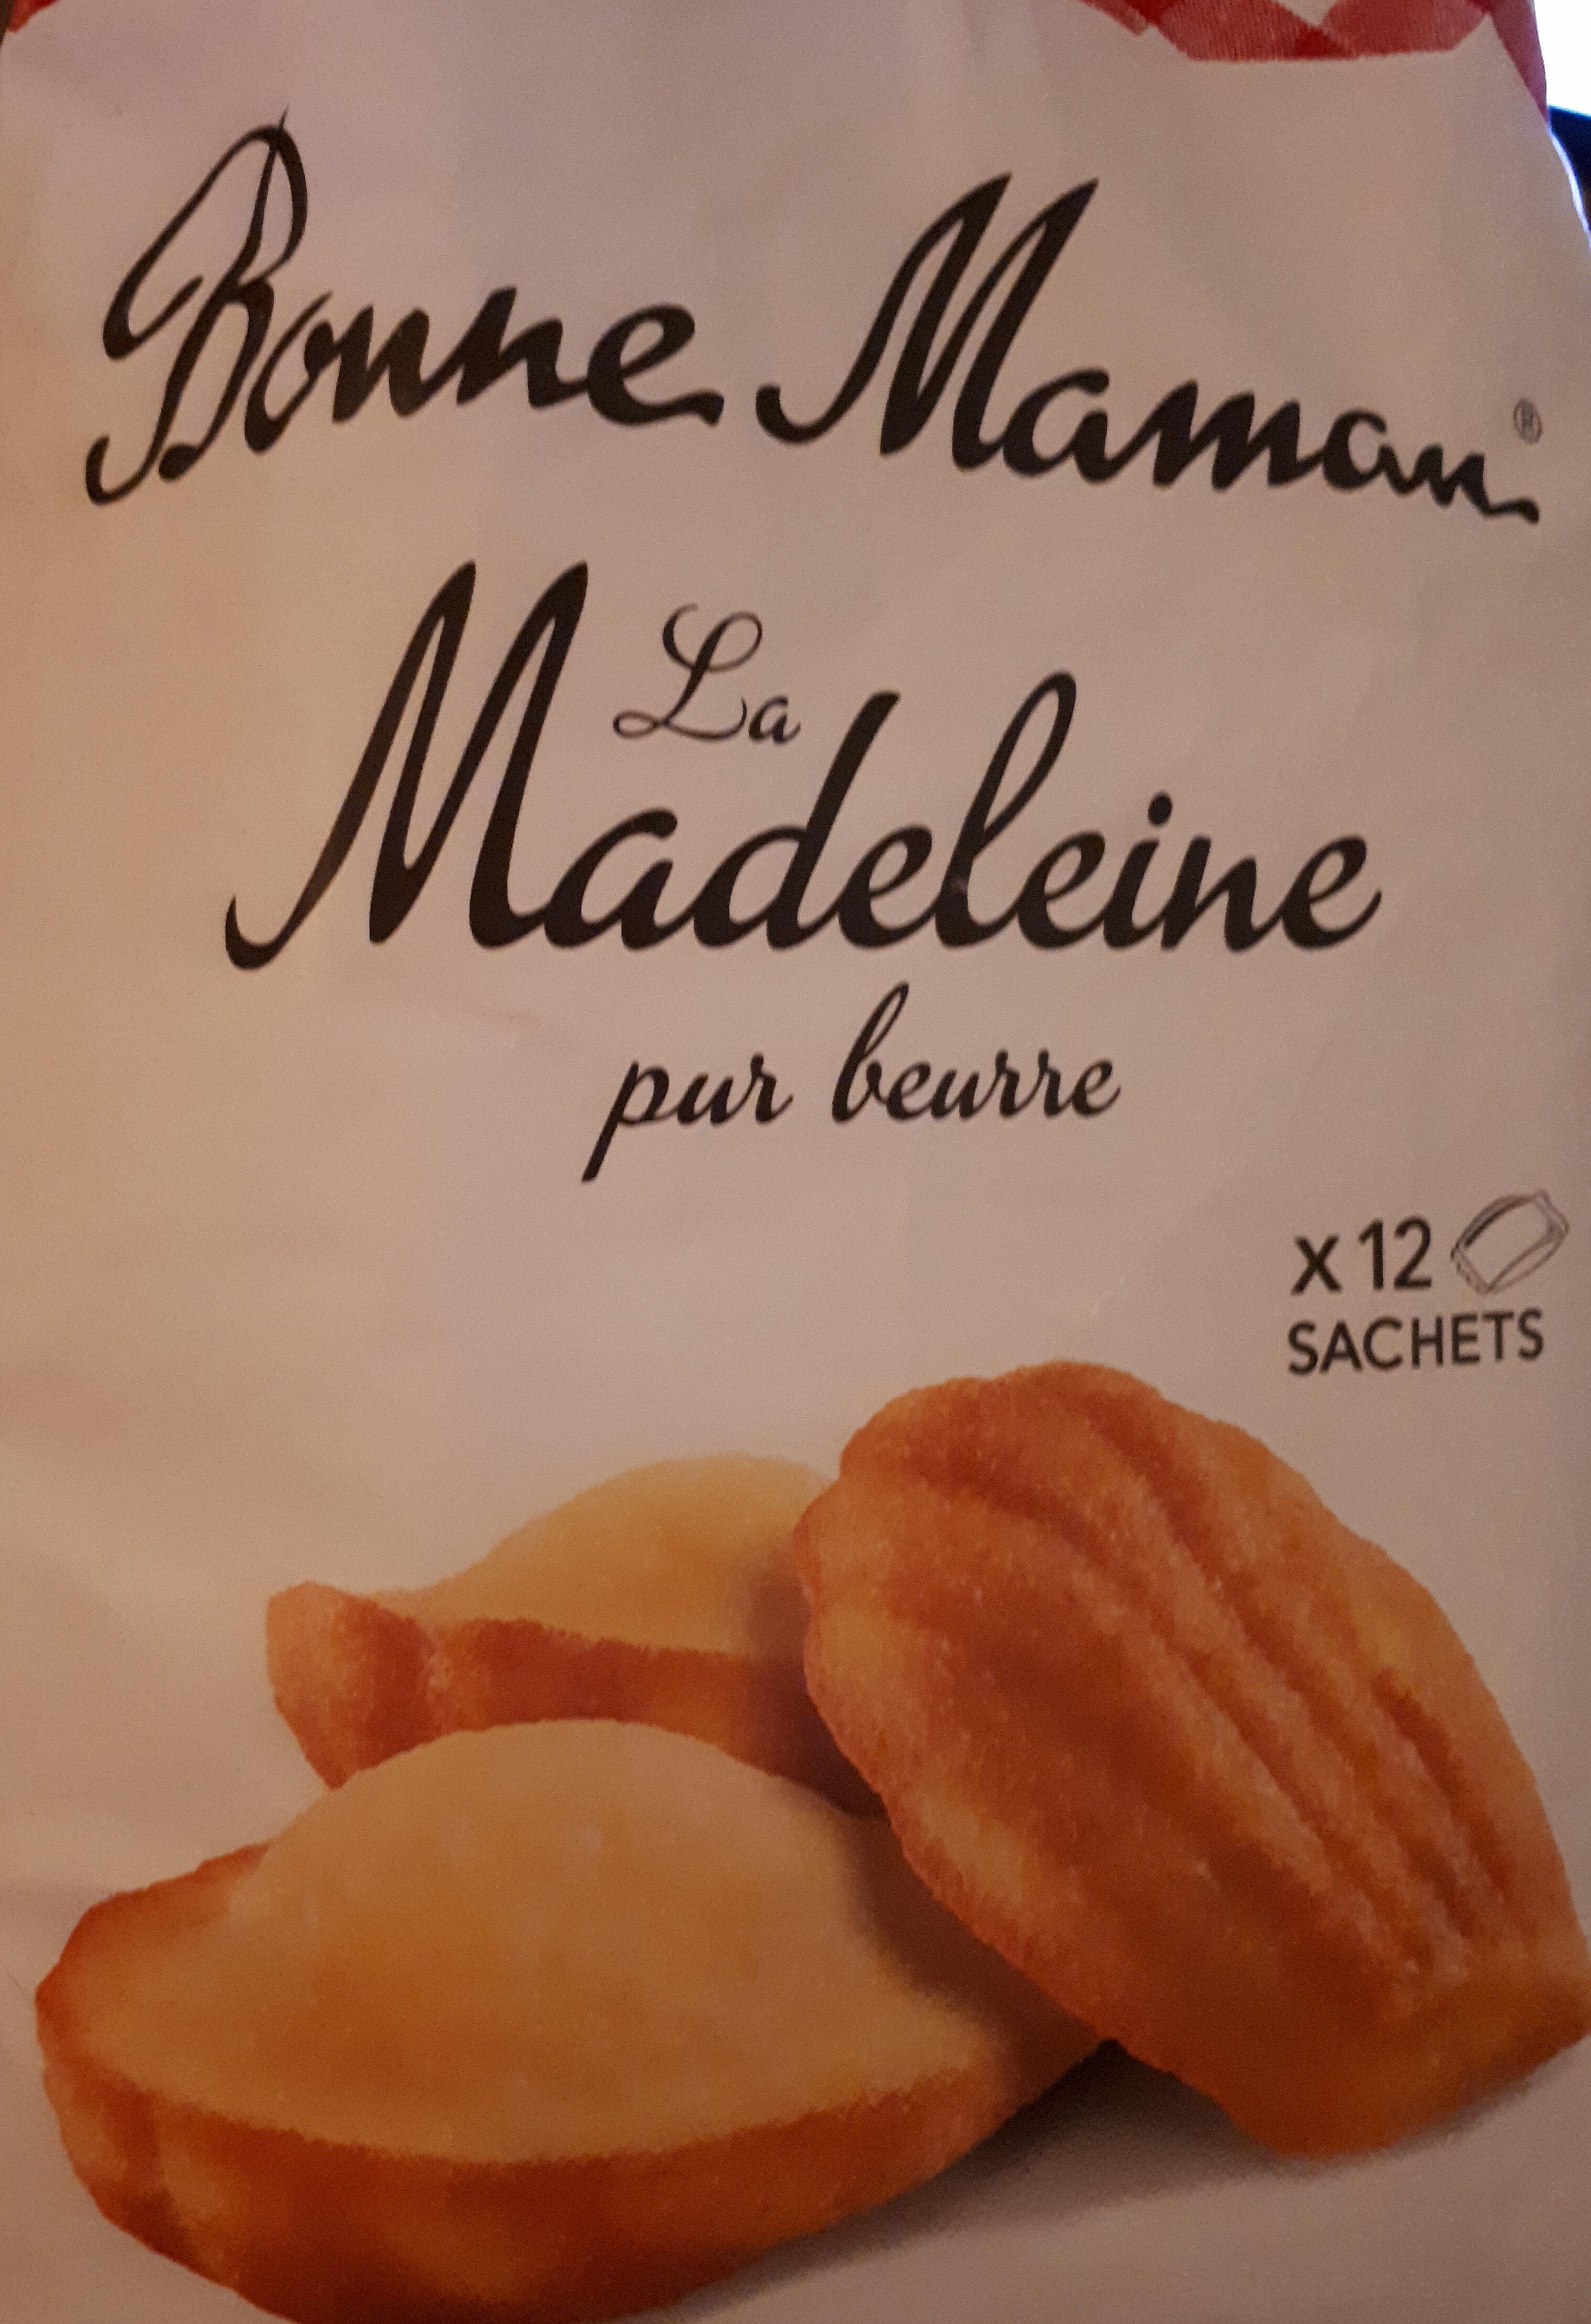 La Madeleine Pur beurre - Produit - fr